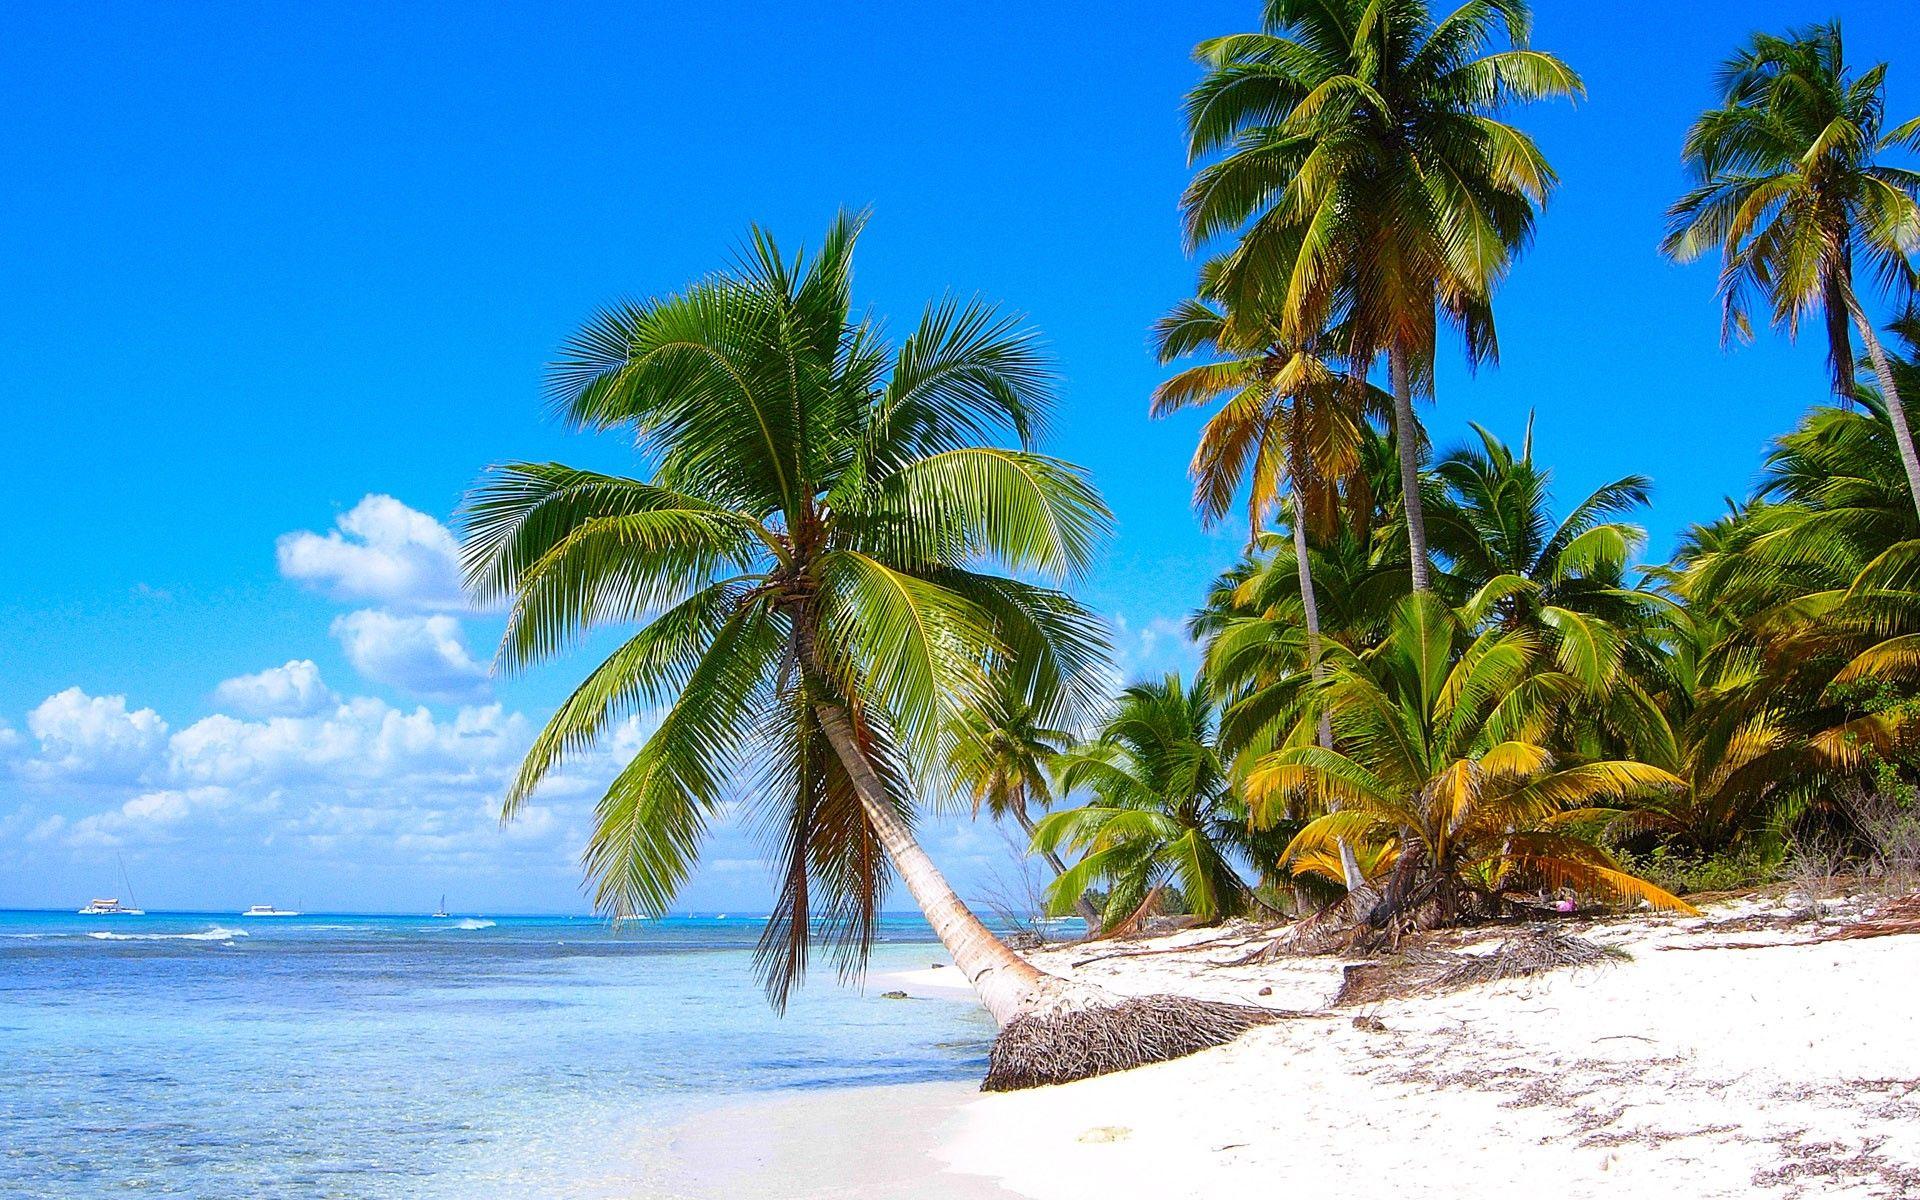 Goa Beach Parallax Hd Iphone Ipad Wallpaper: Beaches: Palm Trees Beach Sky Nature Landscape Beaches